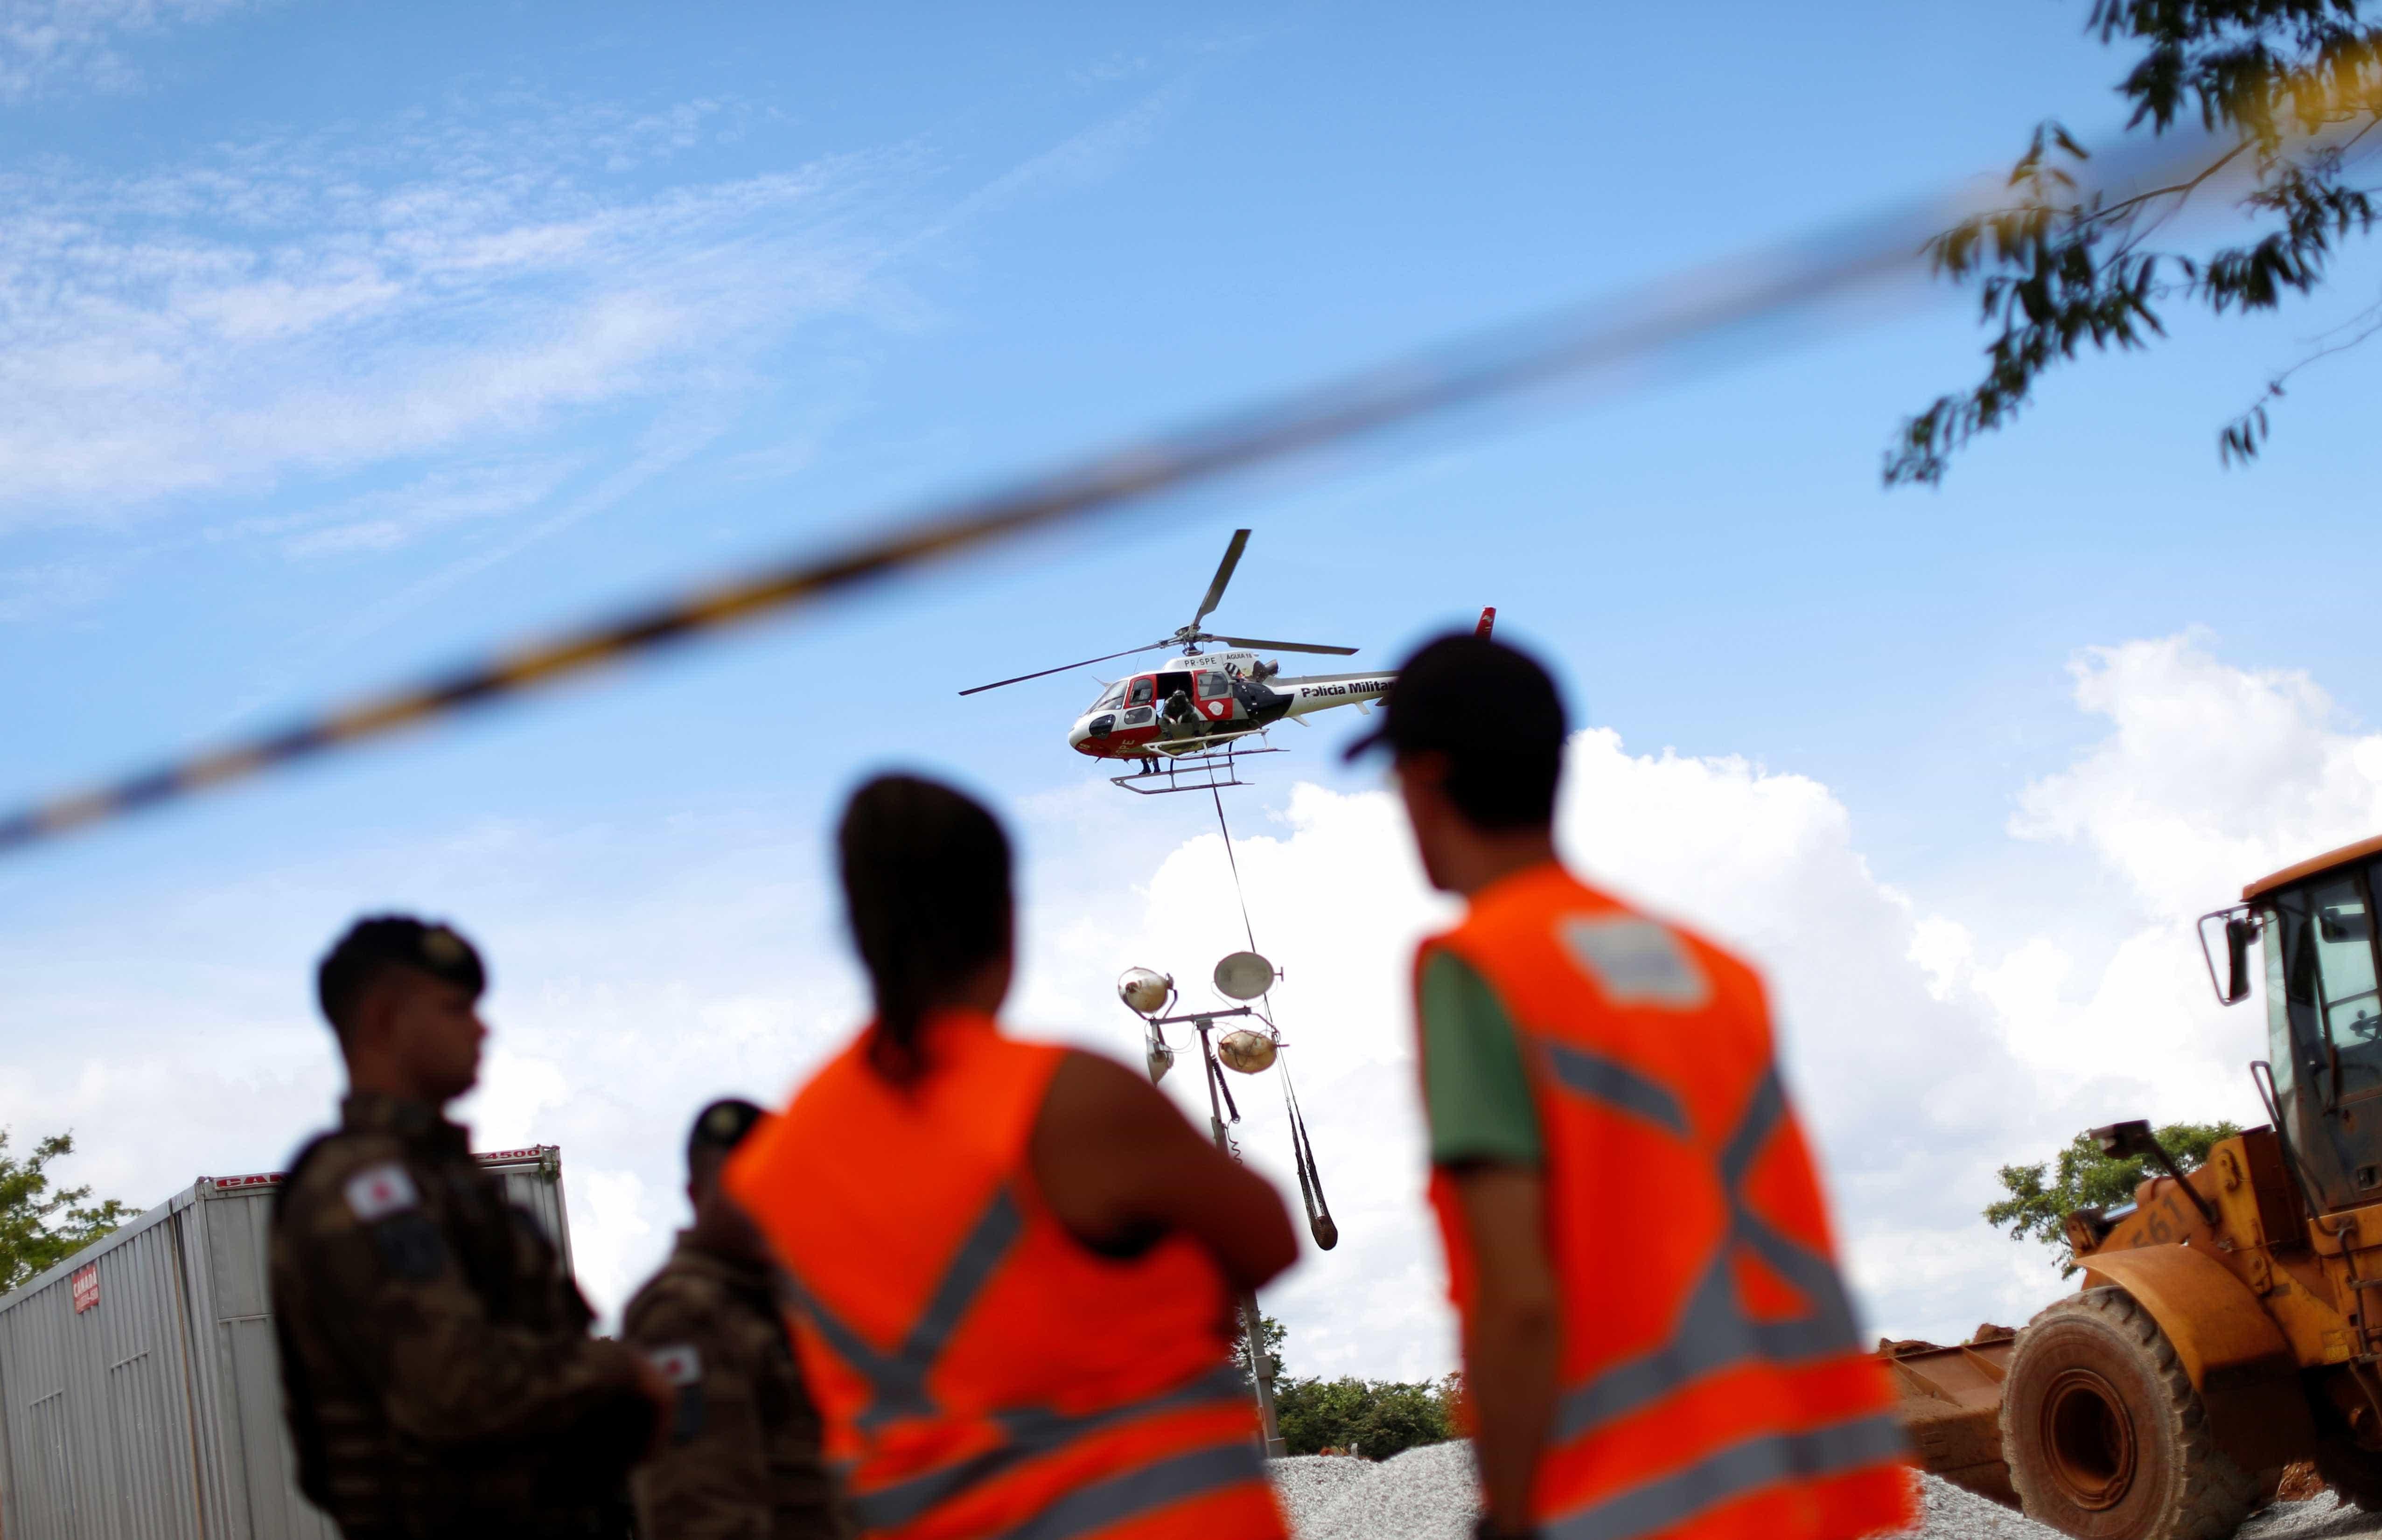 Cinco pessoas consideradas desaparecidas são localizadas em Brumadinho